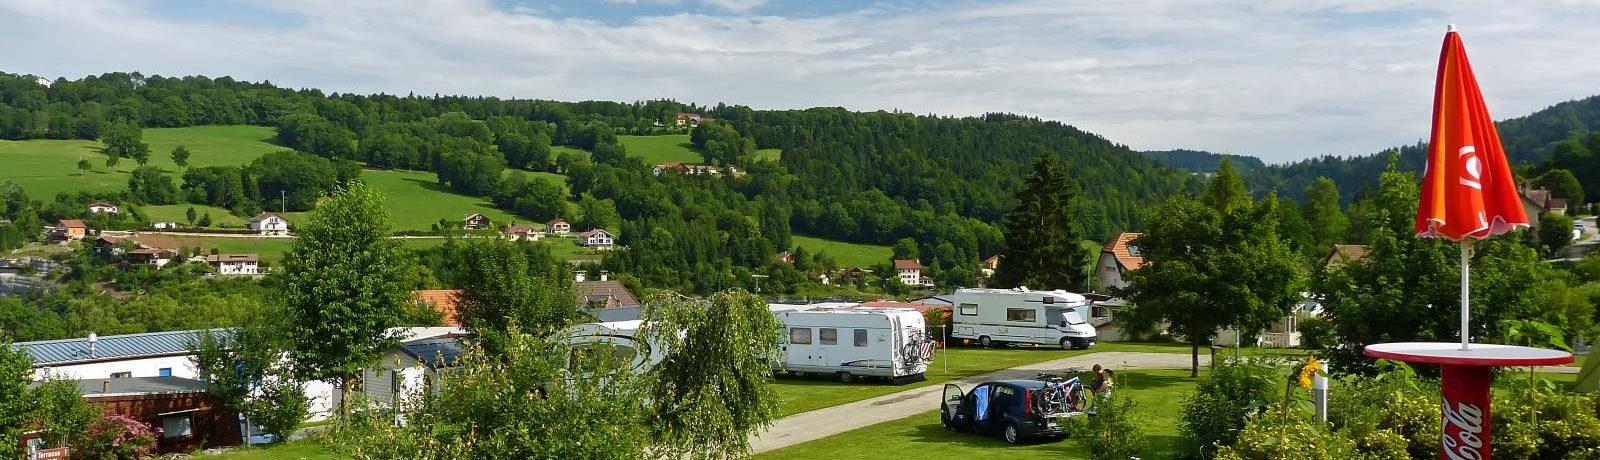 Daar waar de Jura van Neuchâtel het mooiste is, biedt 5 sterren camping Lac des Brenets op het platteland u een vakantie in Zwitserland vol activiteiten.